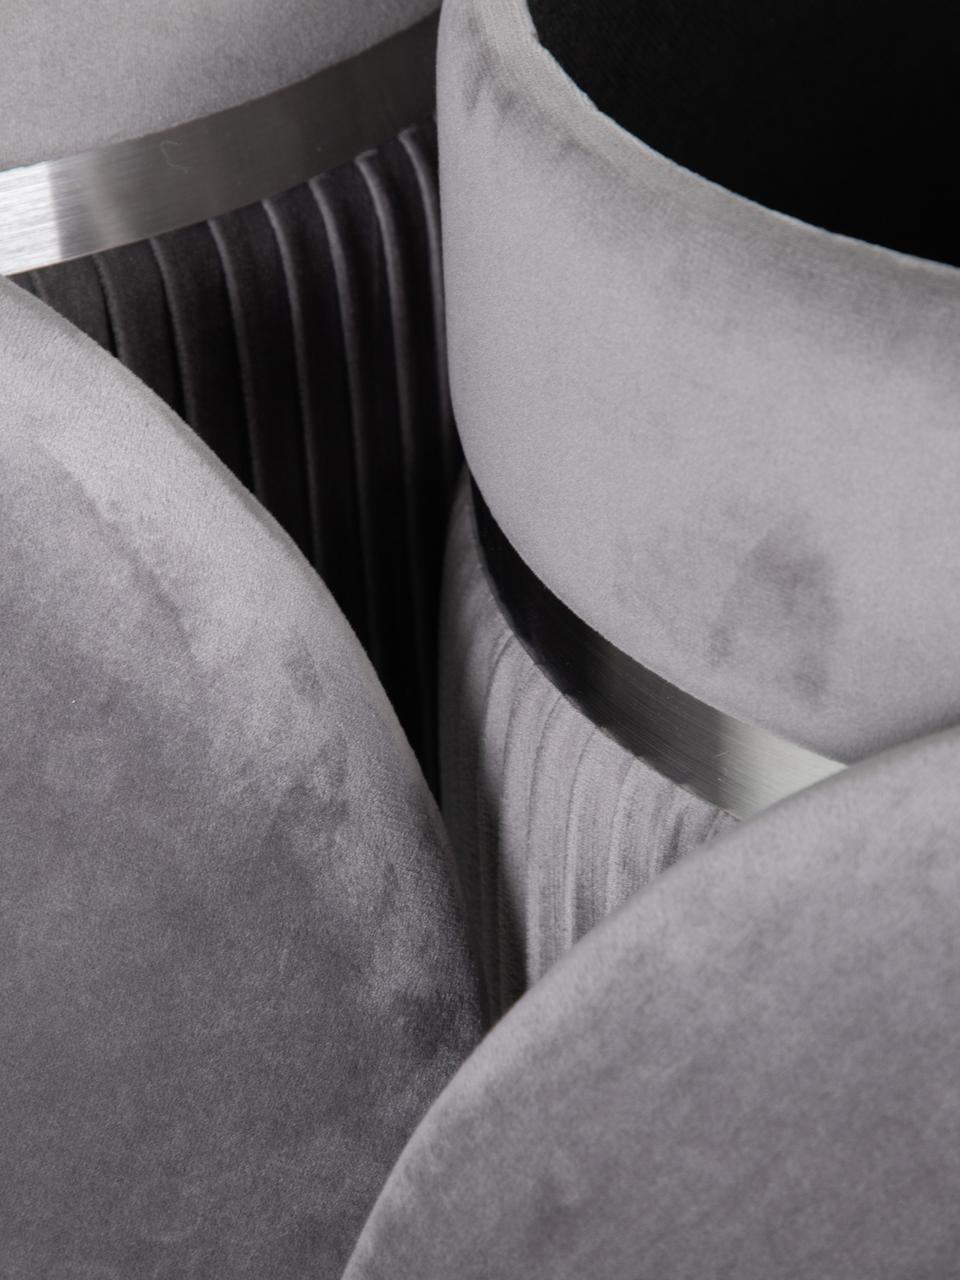 Poufs coffre rond en velours Chest, 2 élém., Gris, couleur argentée